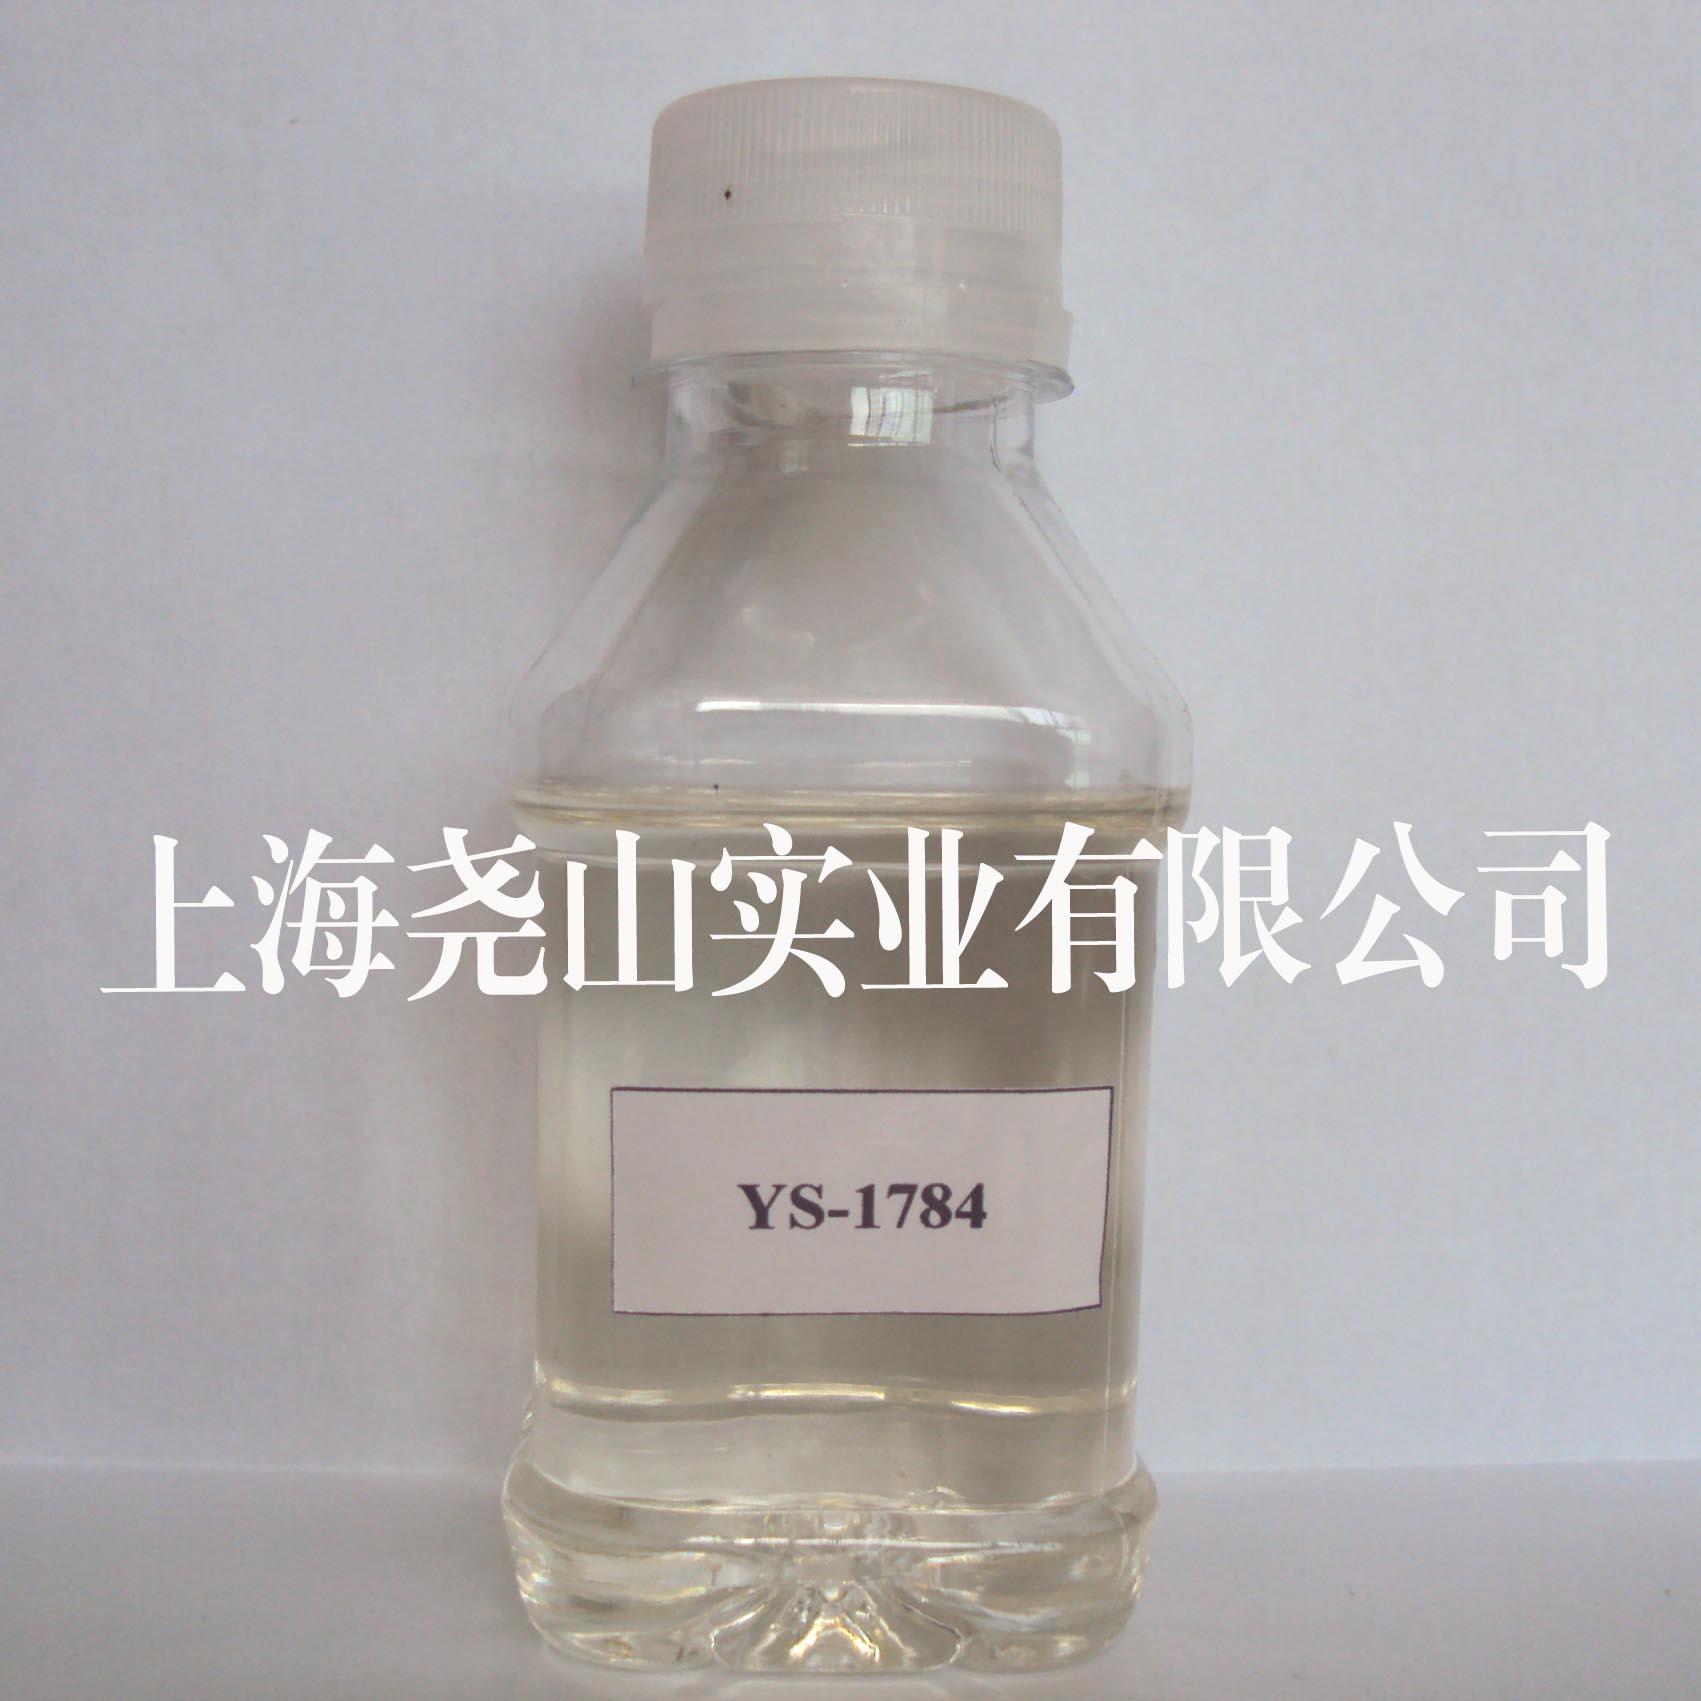 环氧树脂固化剂YS-1784